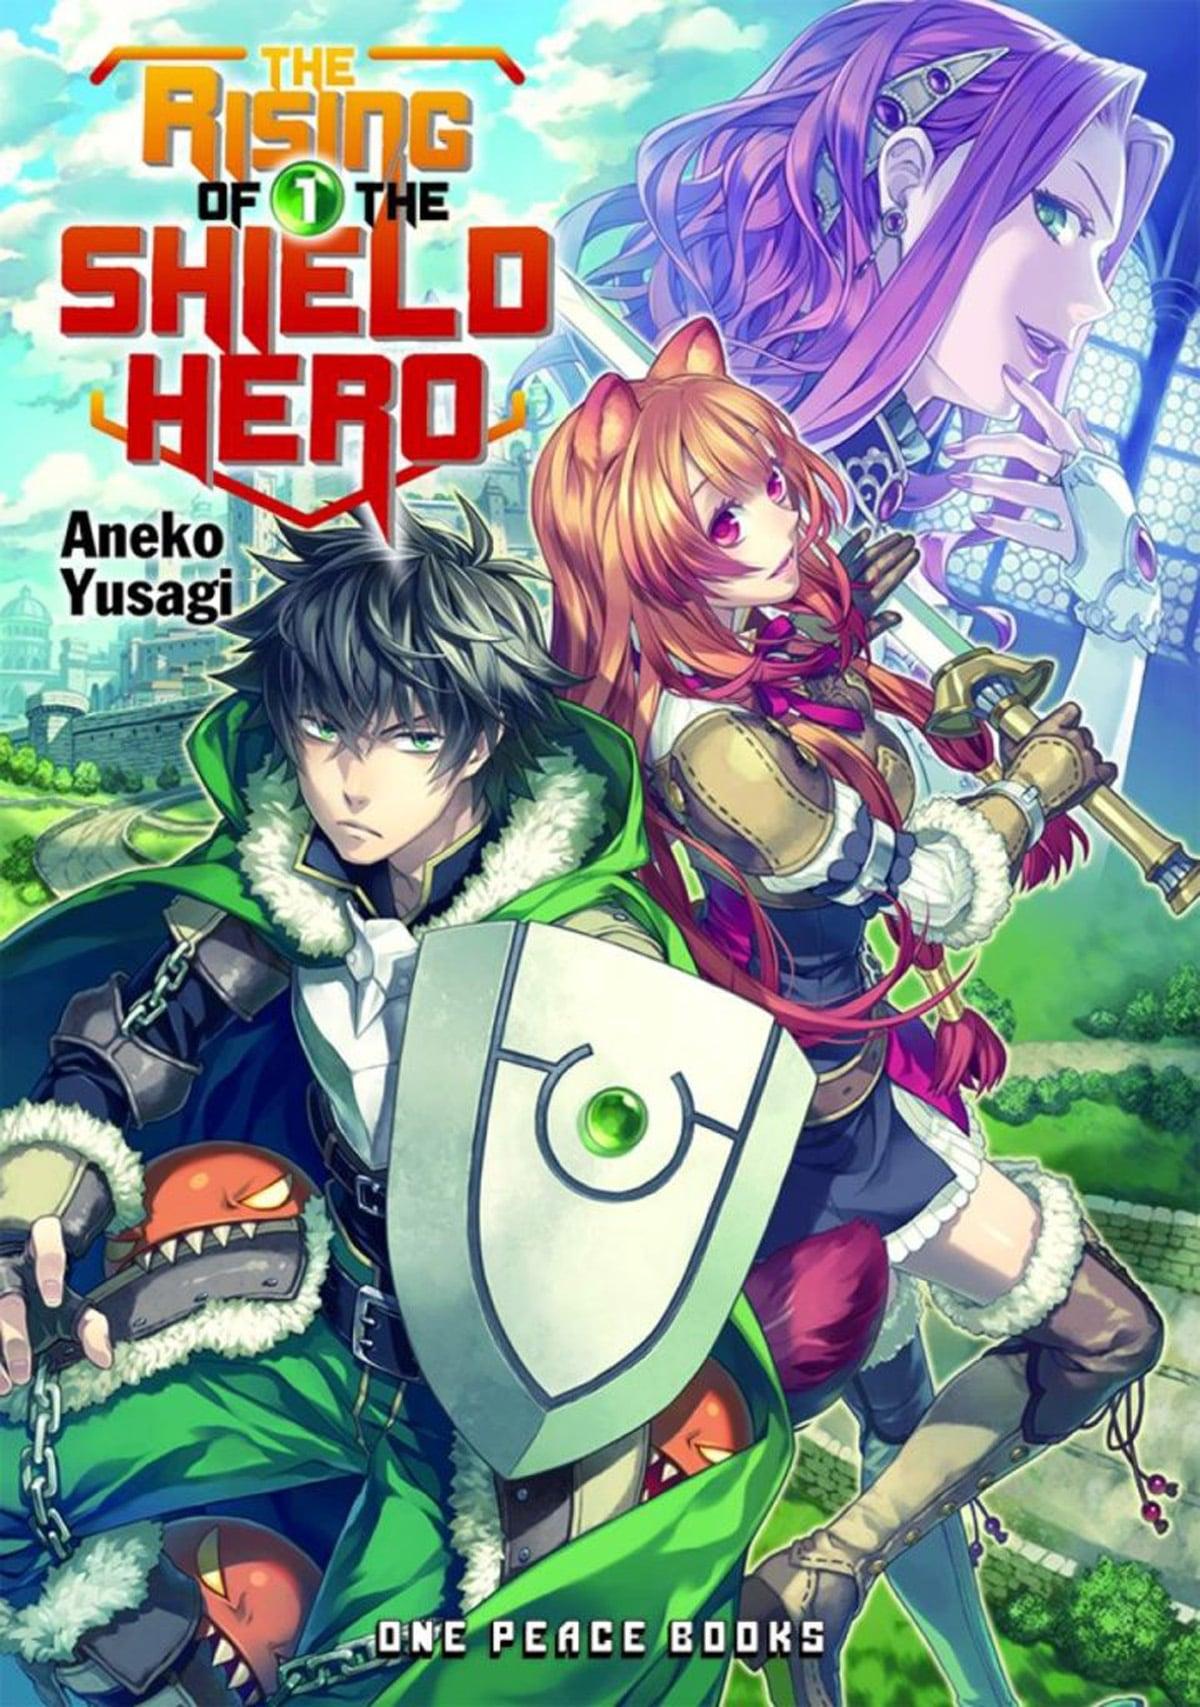 The-Rising-Of-The-Shield-Hero-Light-Novel-Volume-1-Cover